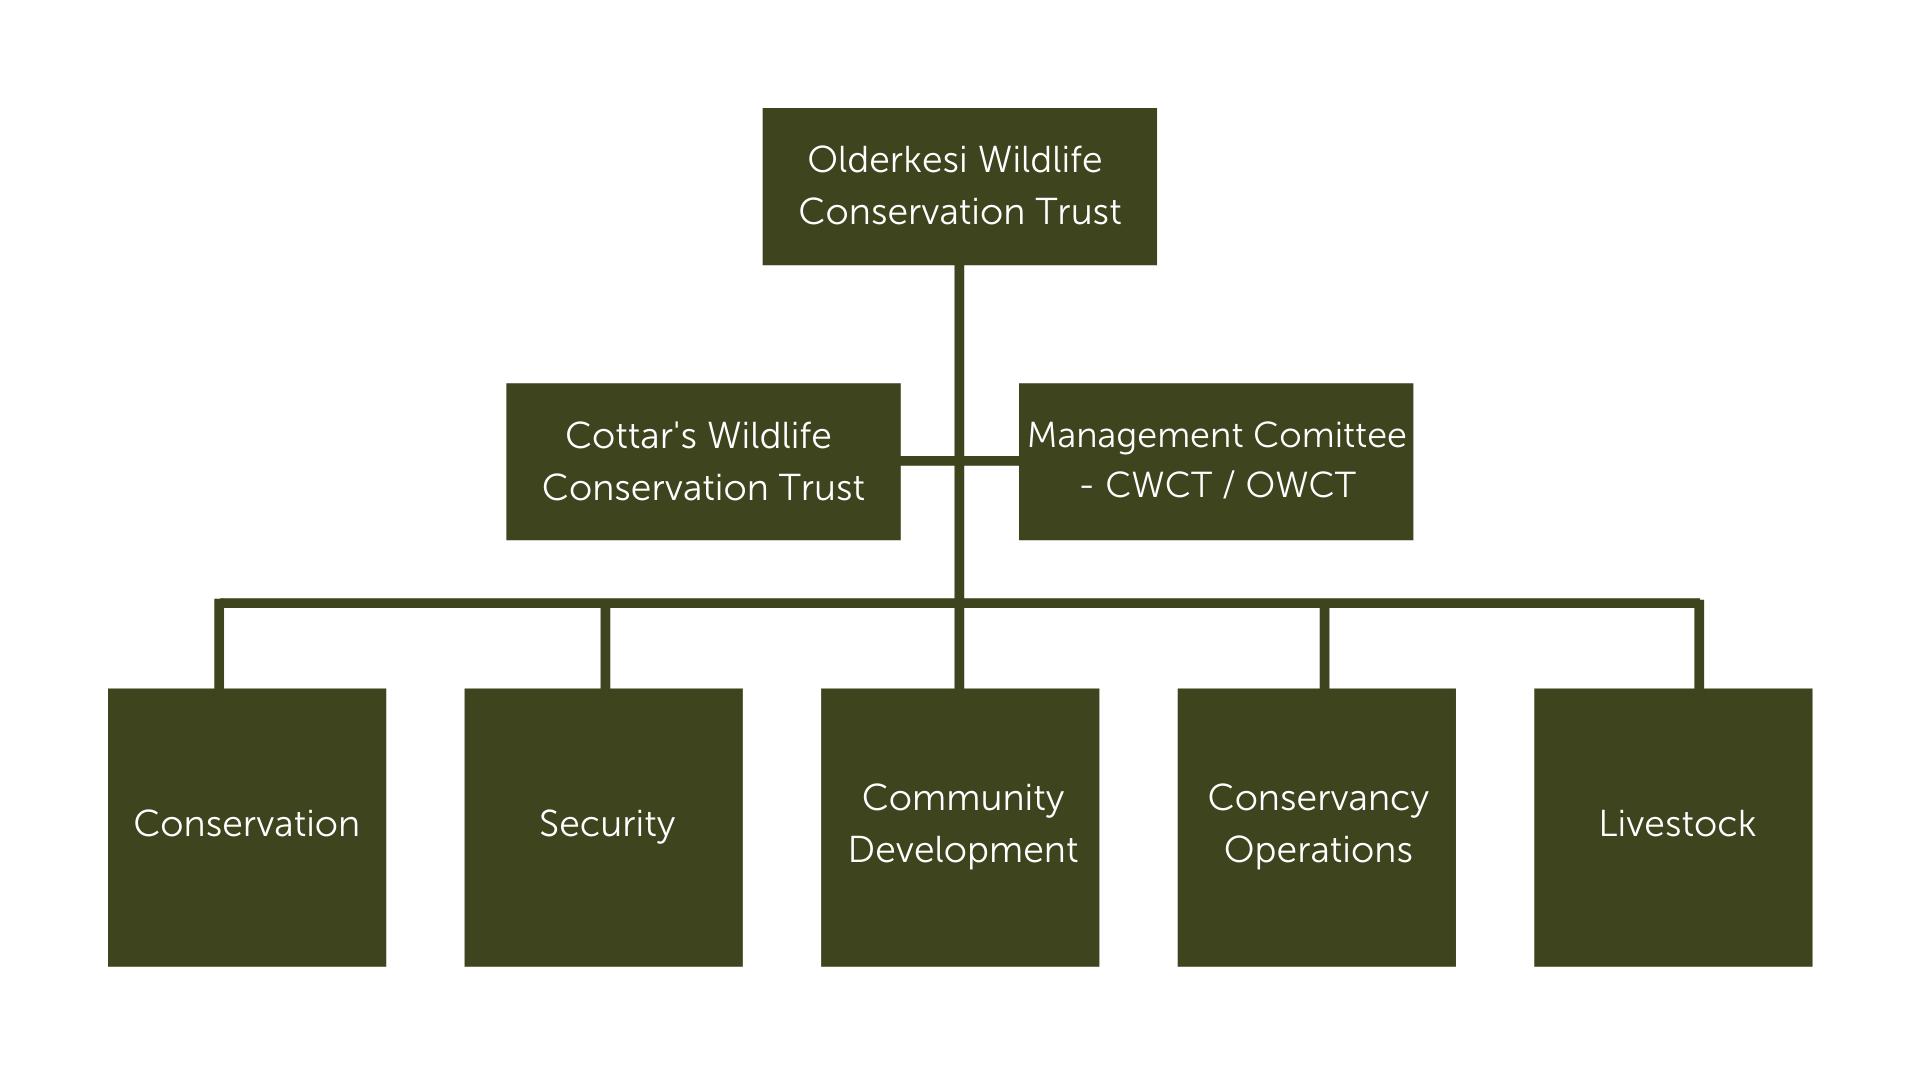 Olderkesi Wildlife Conservation Trust funds chart